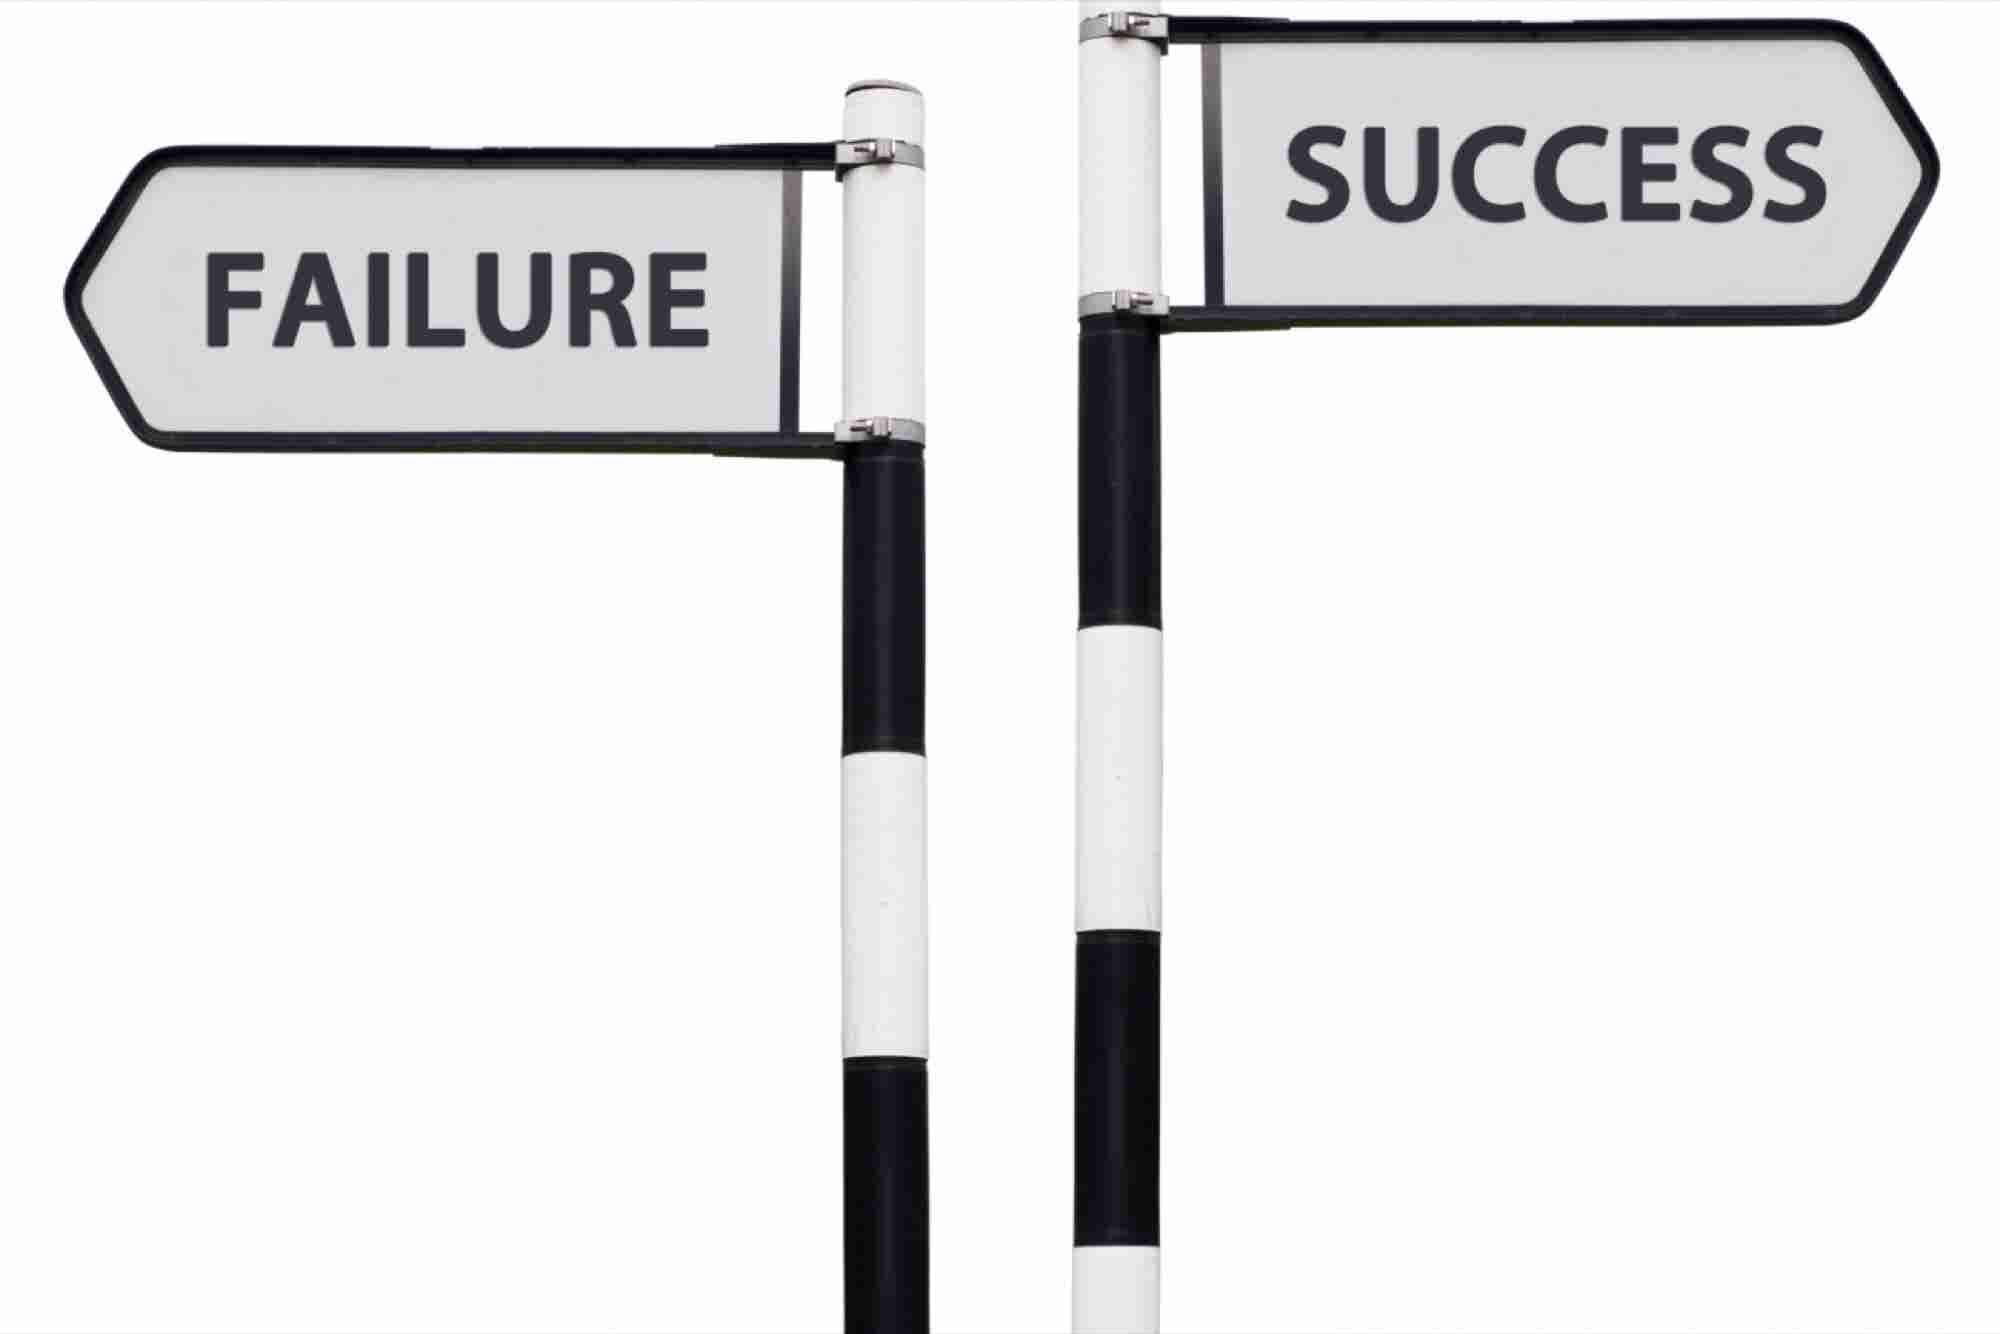 10 Reasons Why Failure Teaches Us More Than Success